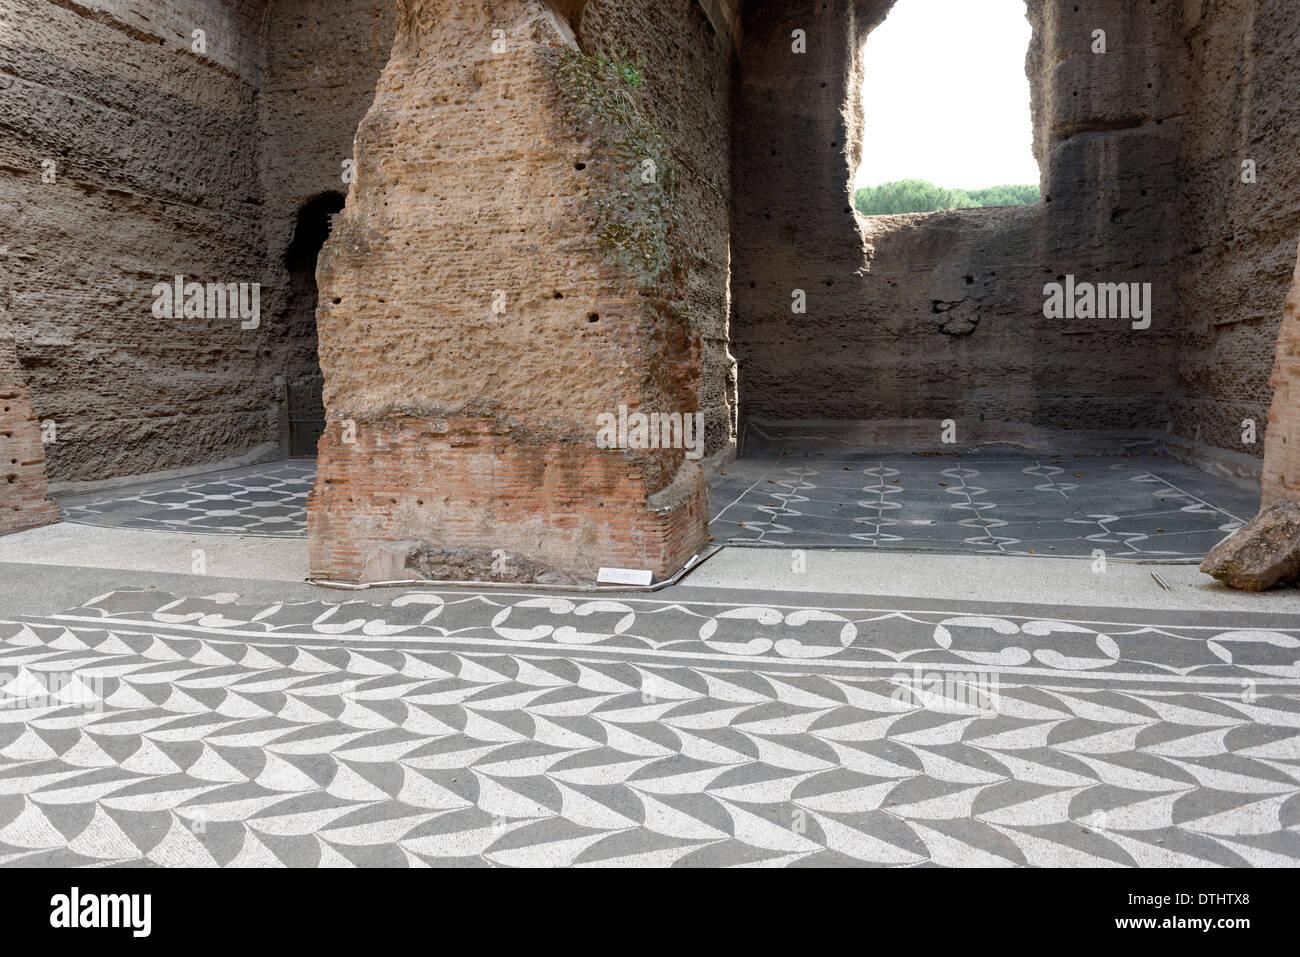 Pavimenti a stock roma: lettere intarsiato in pavimenti marmo